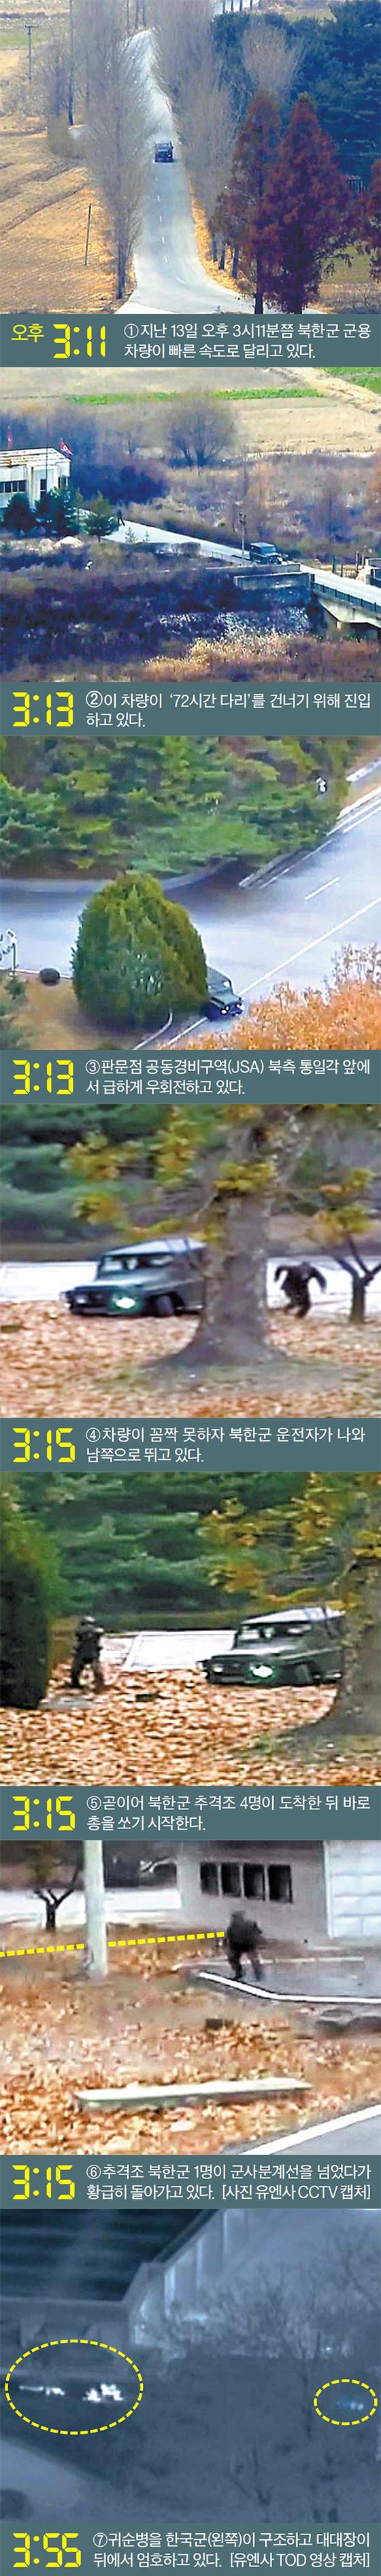 '72시간 다리'부터 구출까지 44분 … 한국군 뭐했나